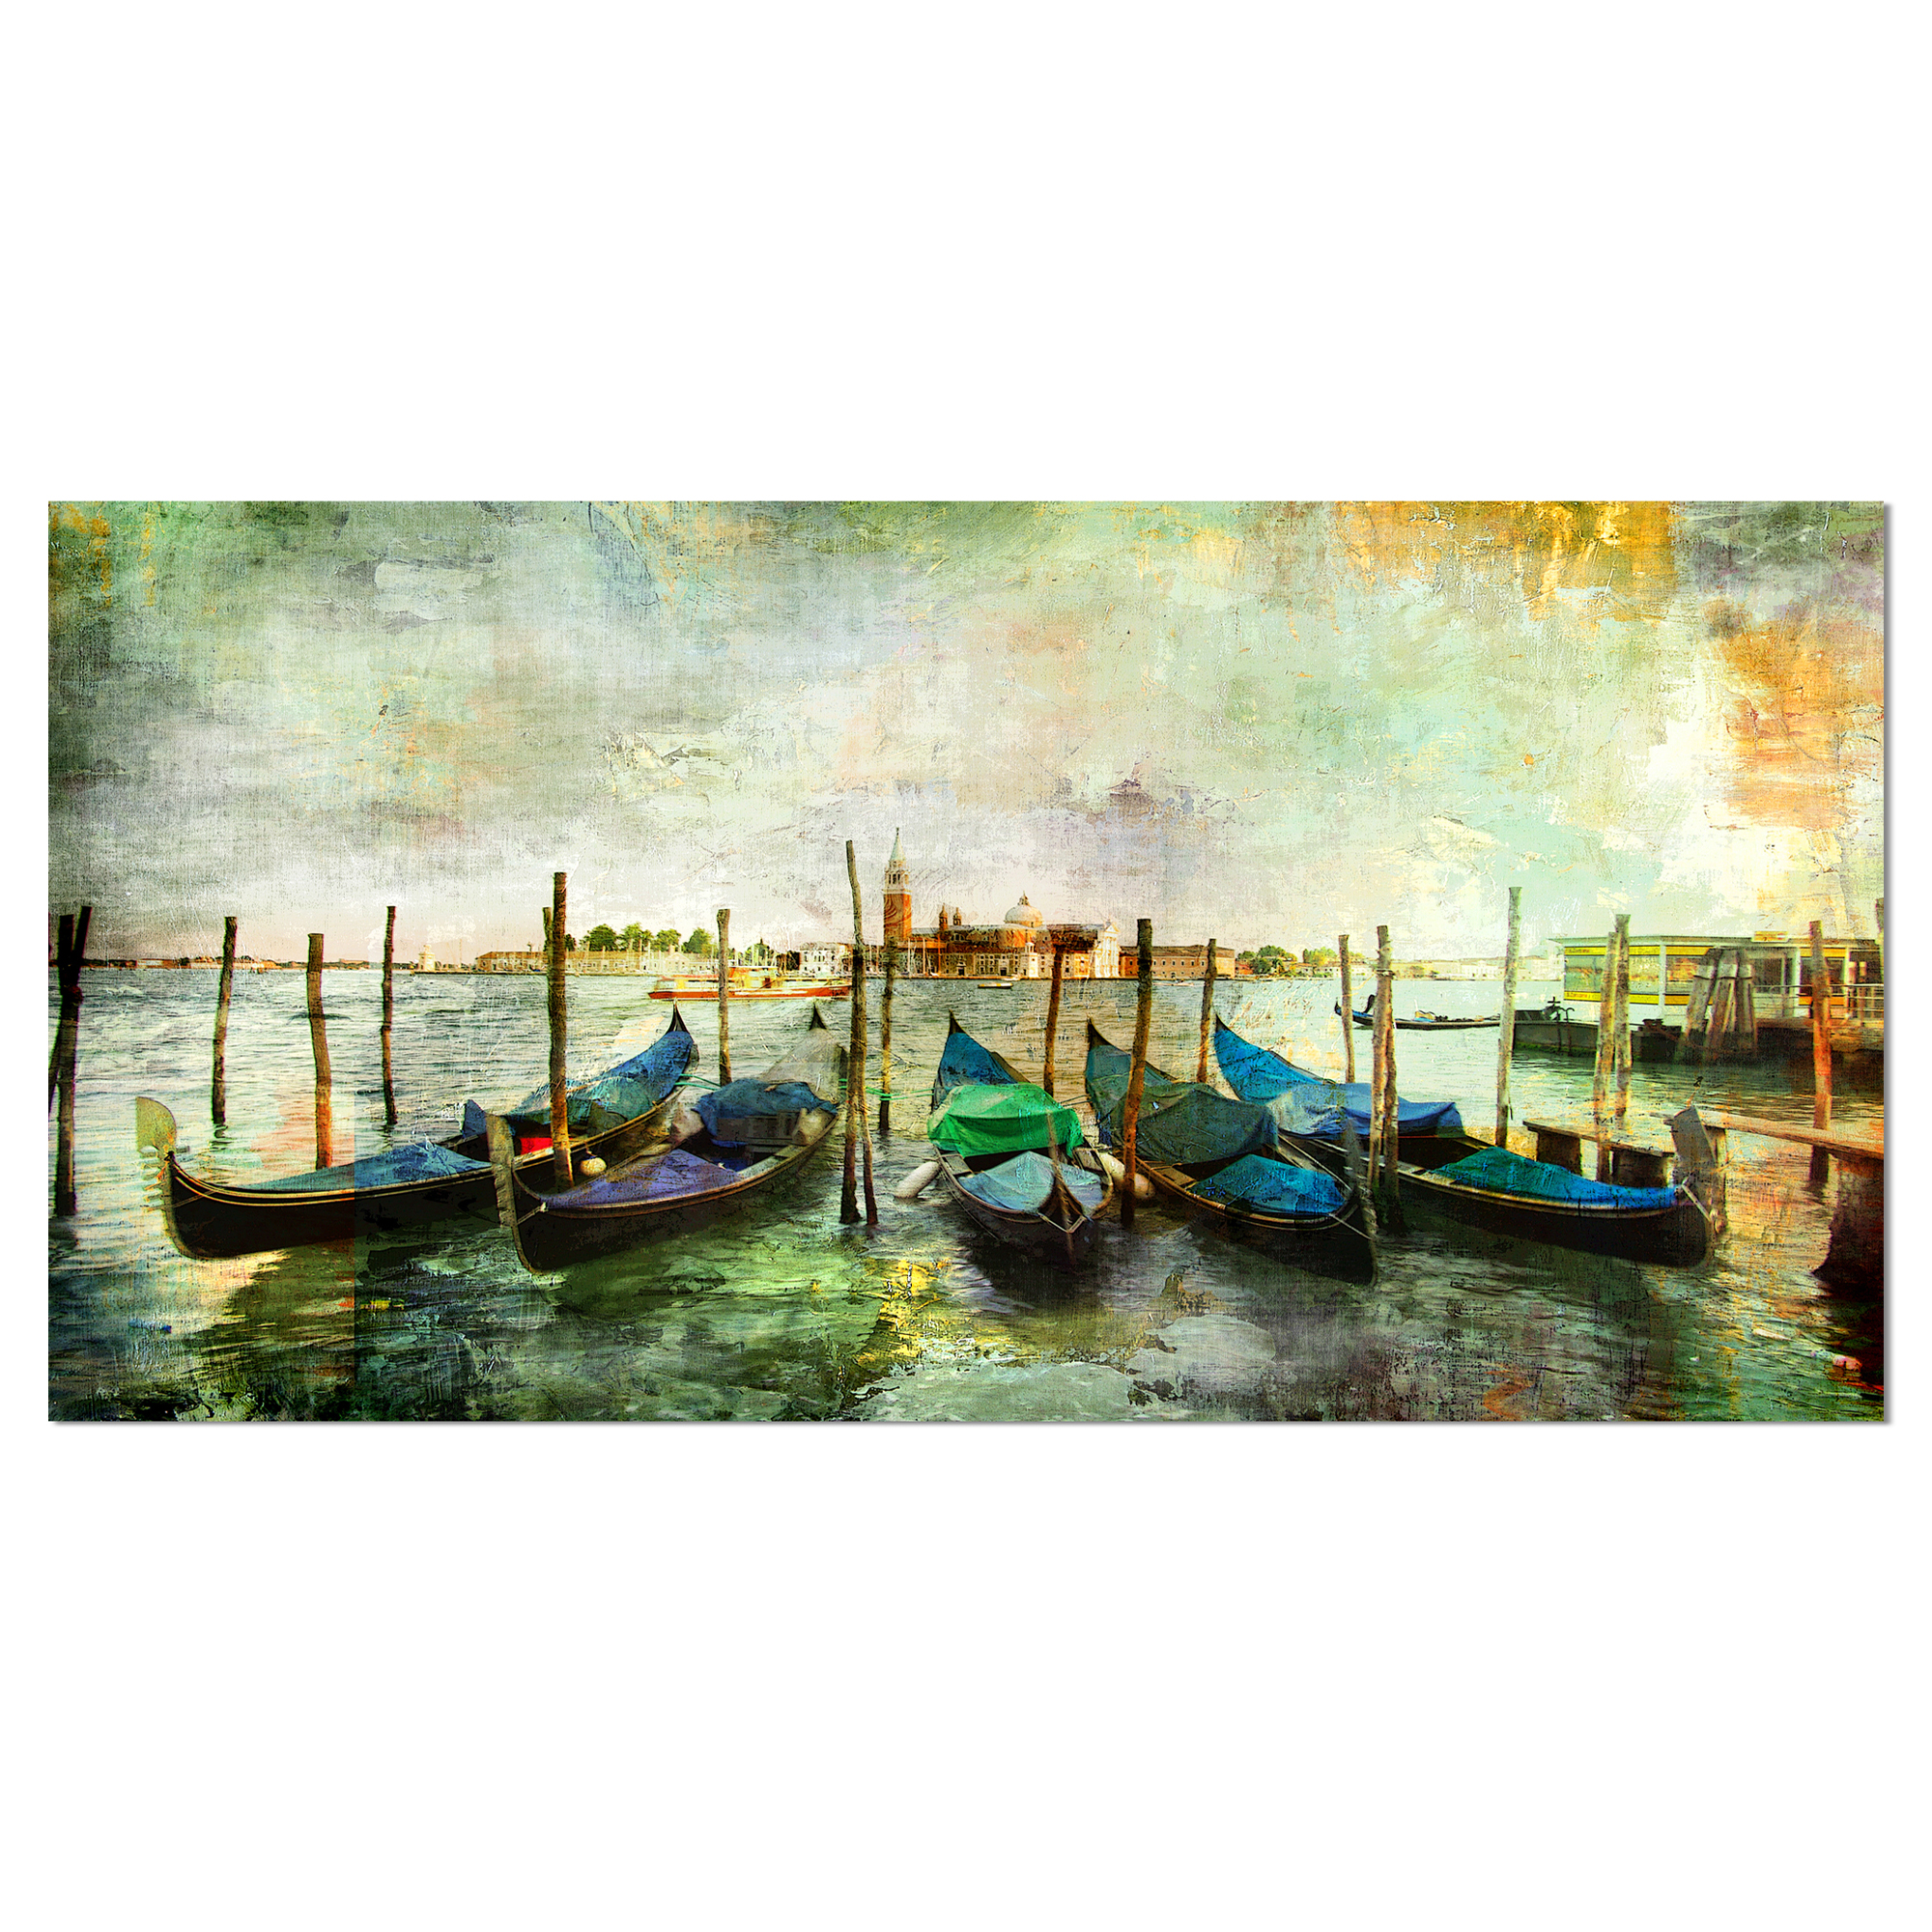 Venetian Gondolas - Landscape Painting Canvas Print - image 1 of 3